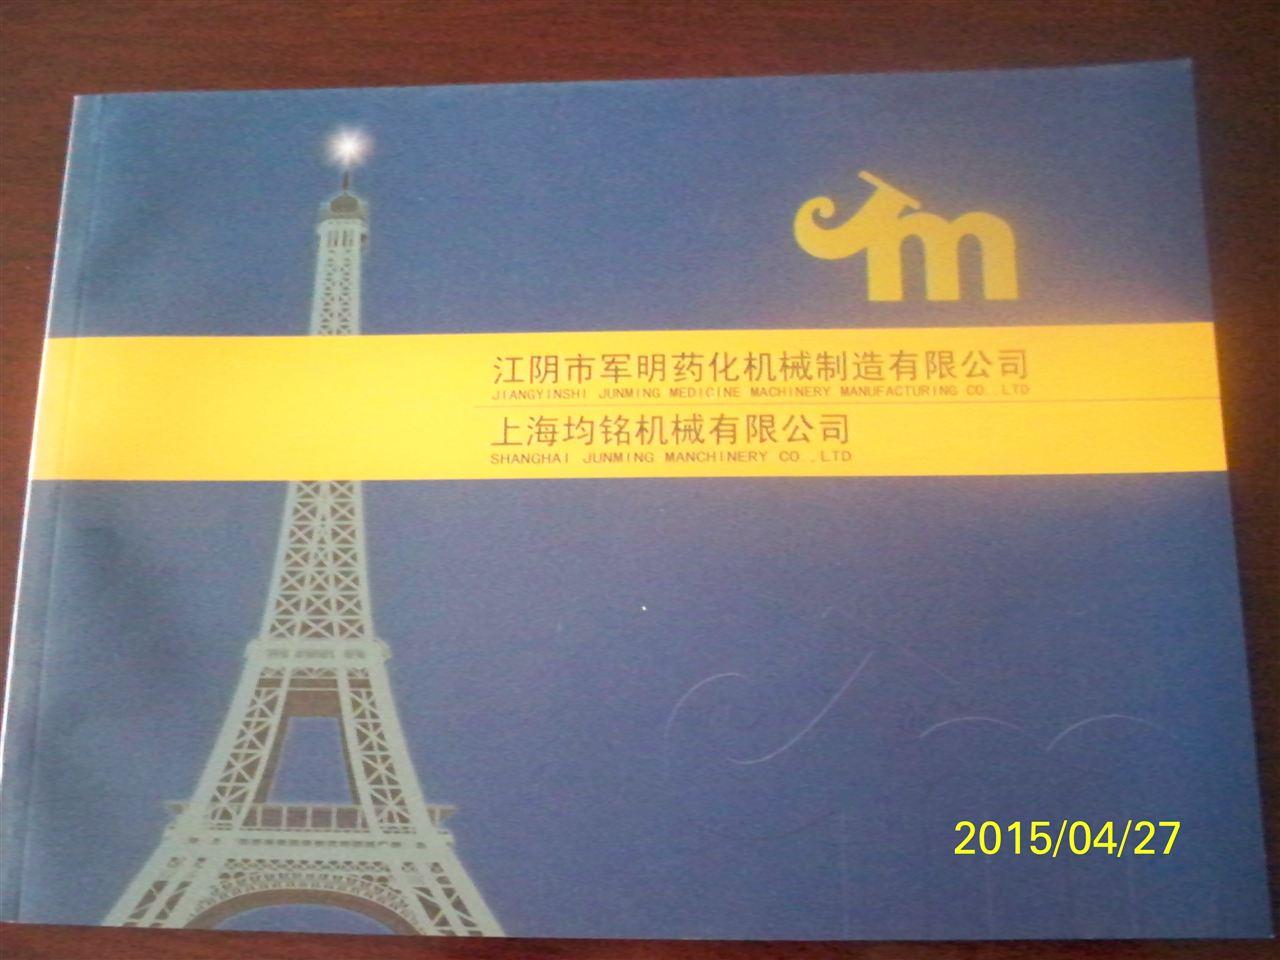 江阴市军明药化机械制造有限公司(上海均铭机械有限公司)